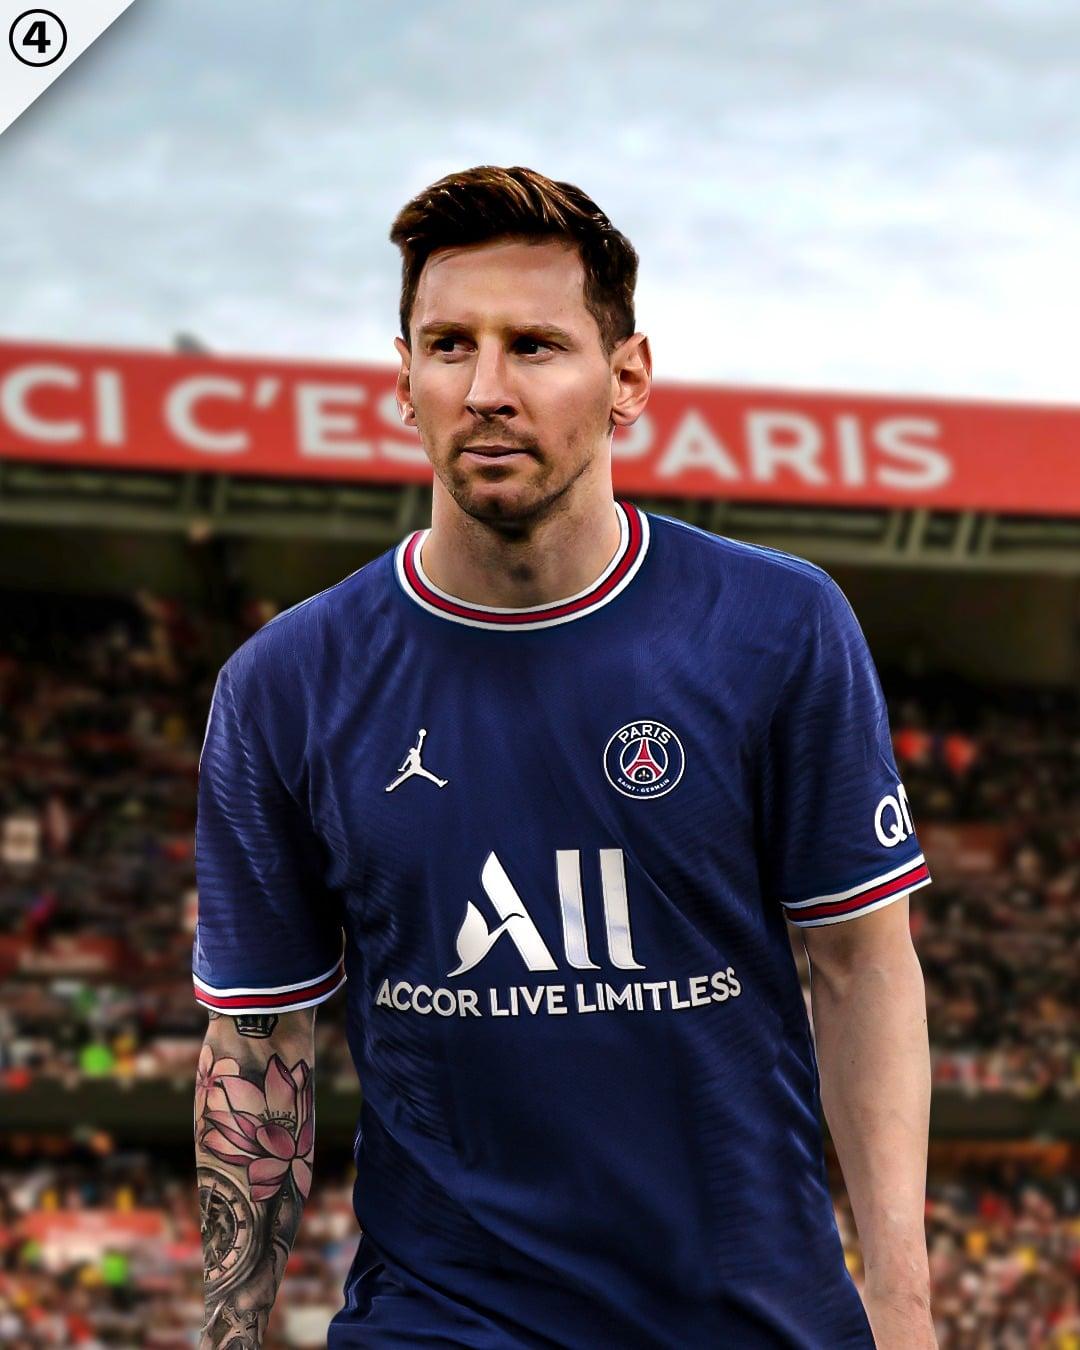 Lionel Messi 'thất nghiệp' vì Barca: Đaị gia châu Âu đến giải cứu, đối thủ không đội trời chung nay hóa đồng đội? 3